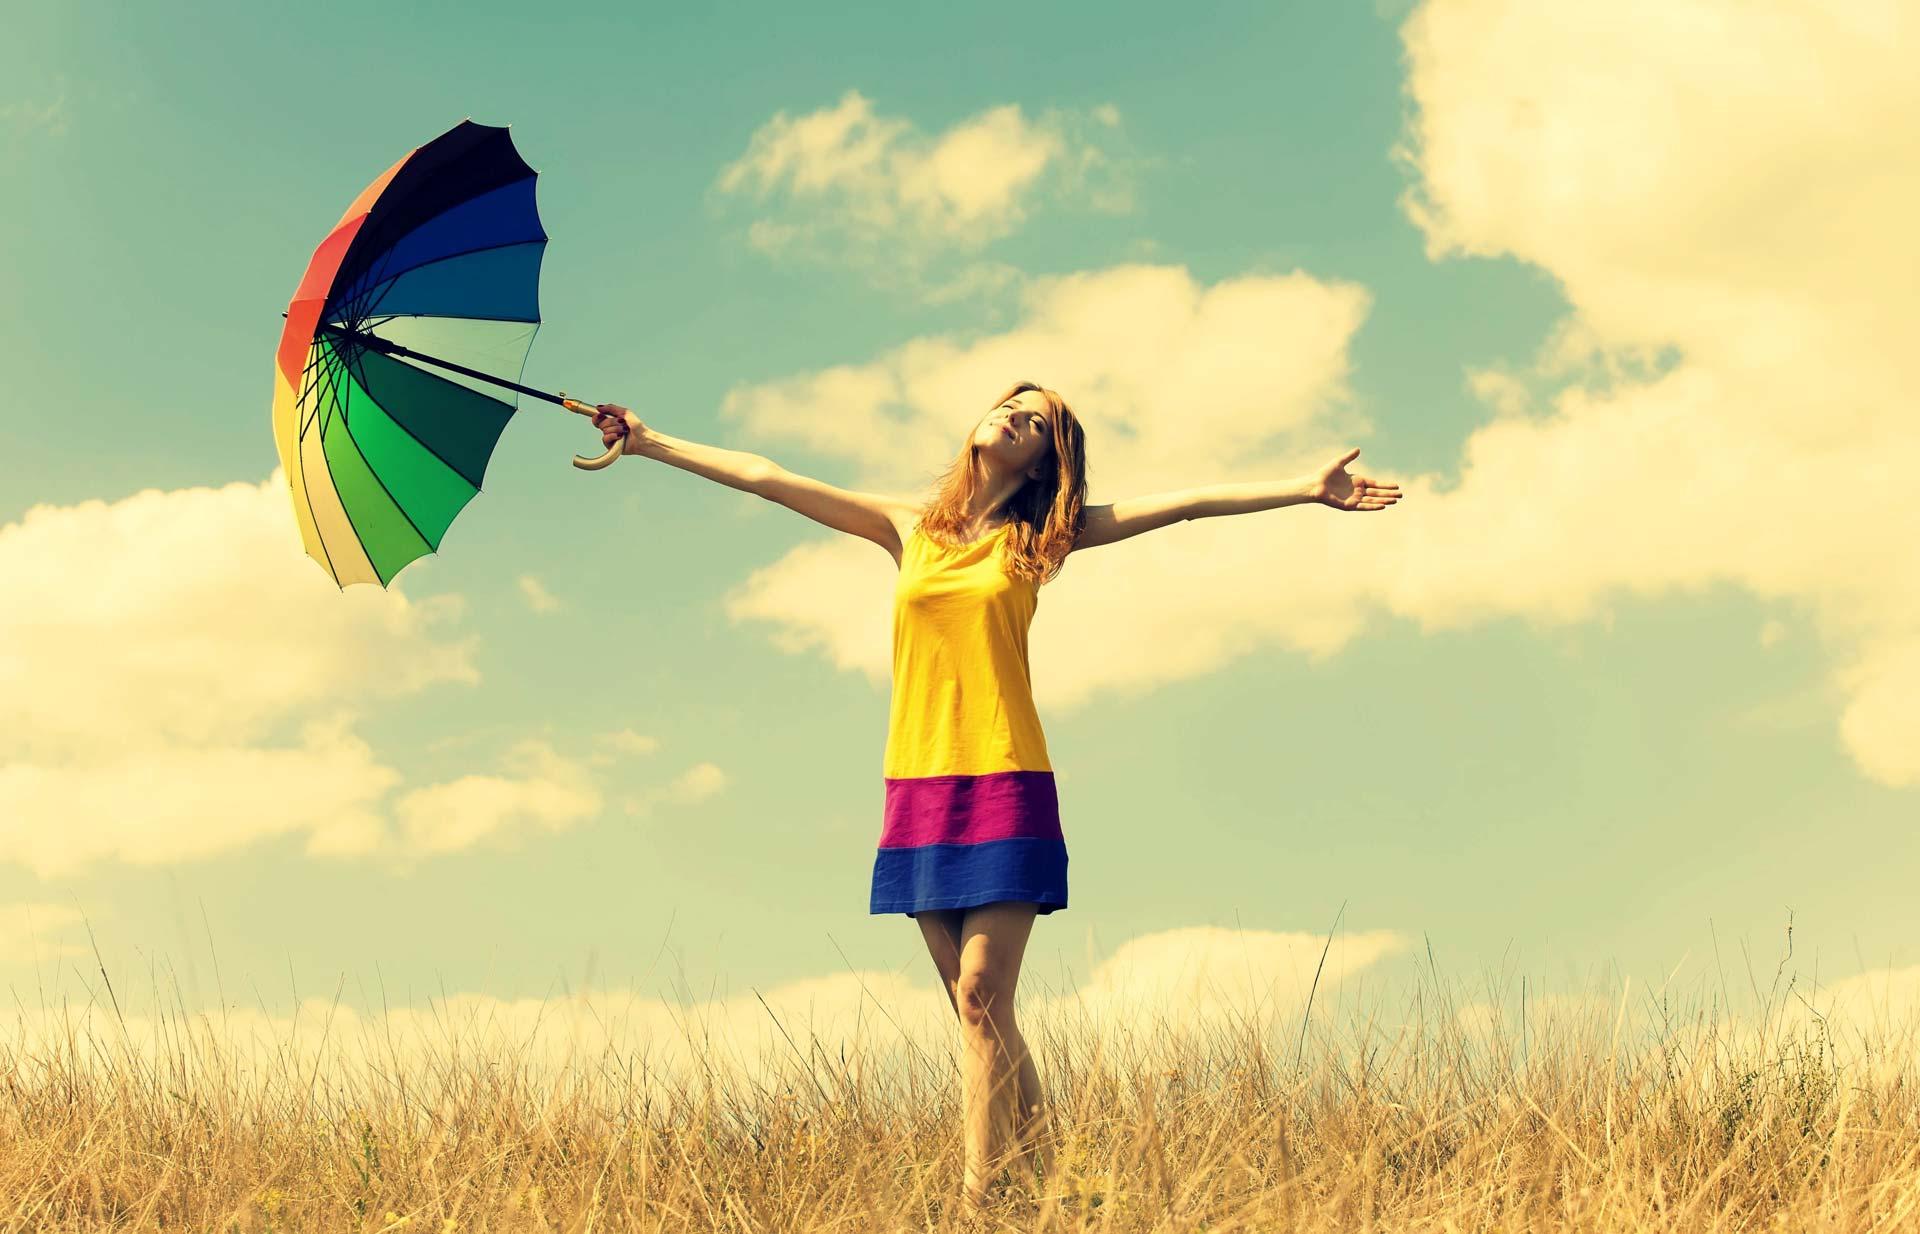 Вебинар: Стратегии продуктивной, успешной и радостной жизни